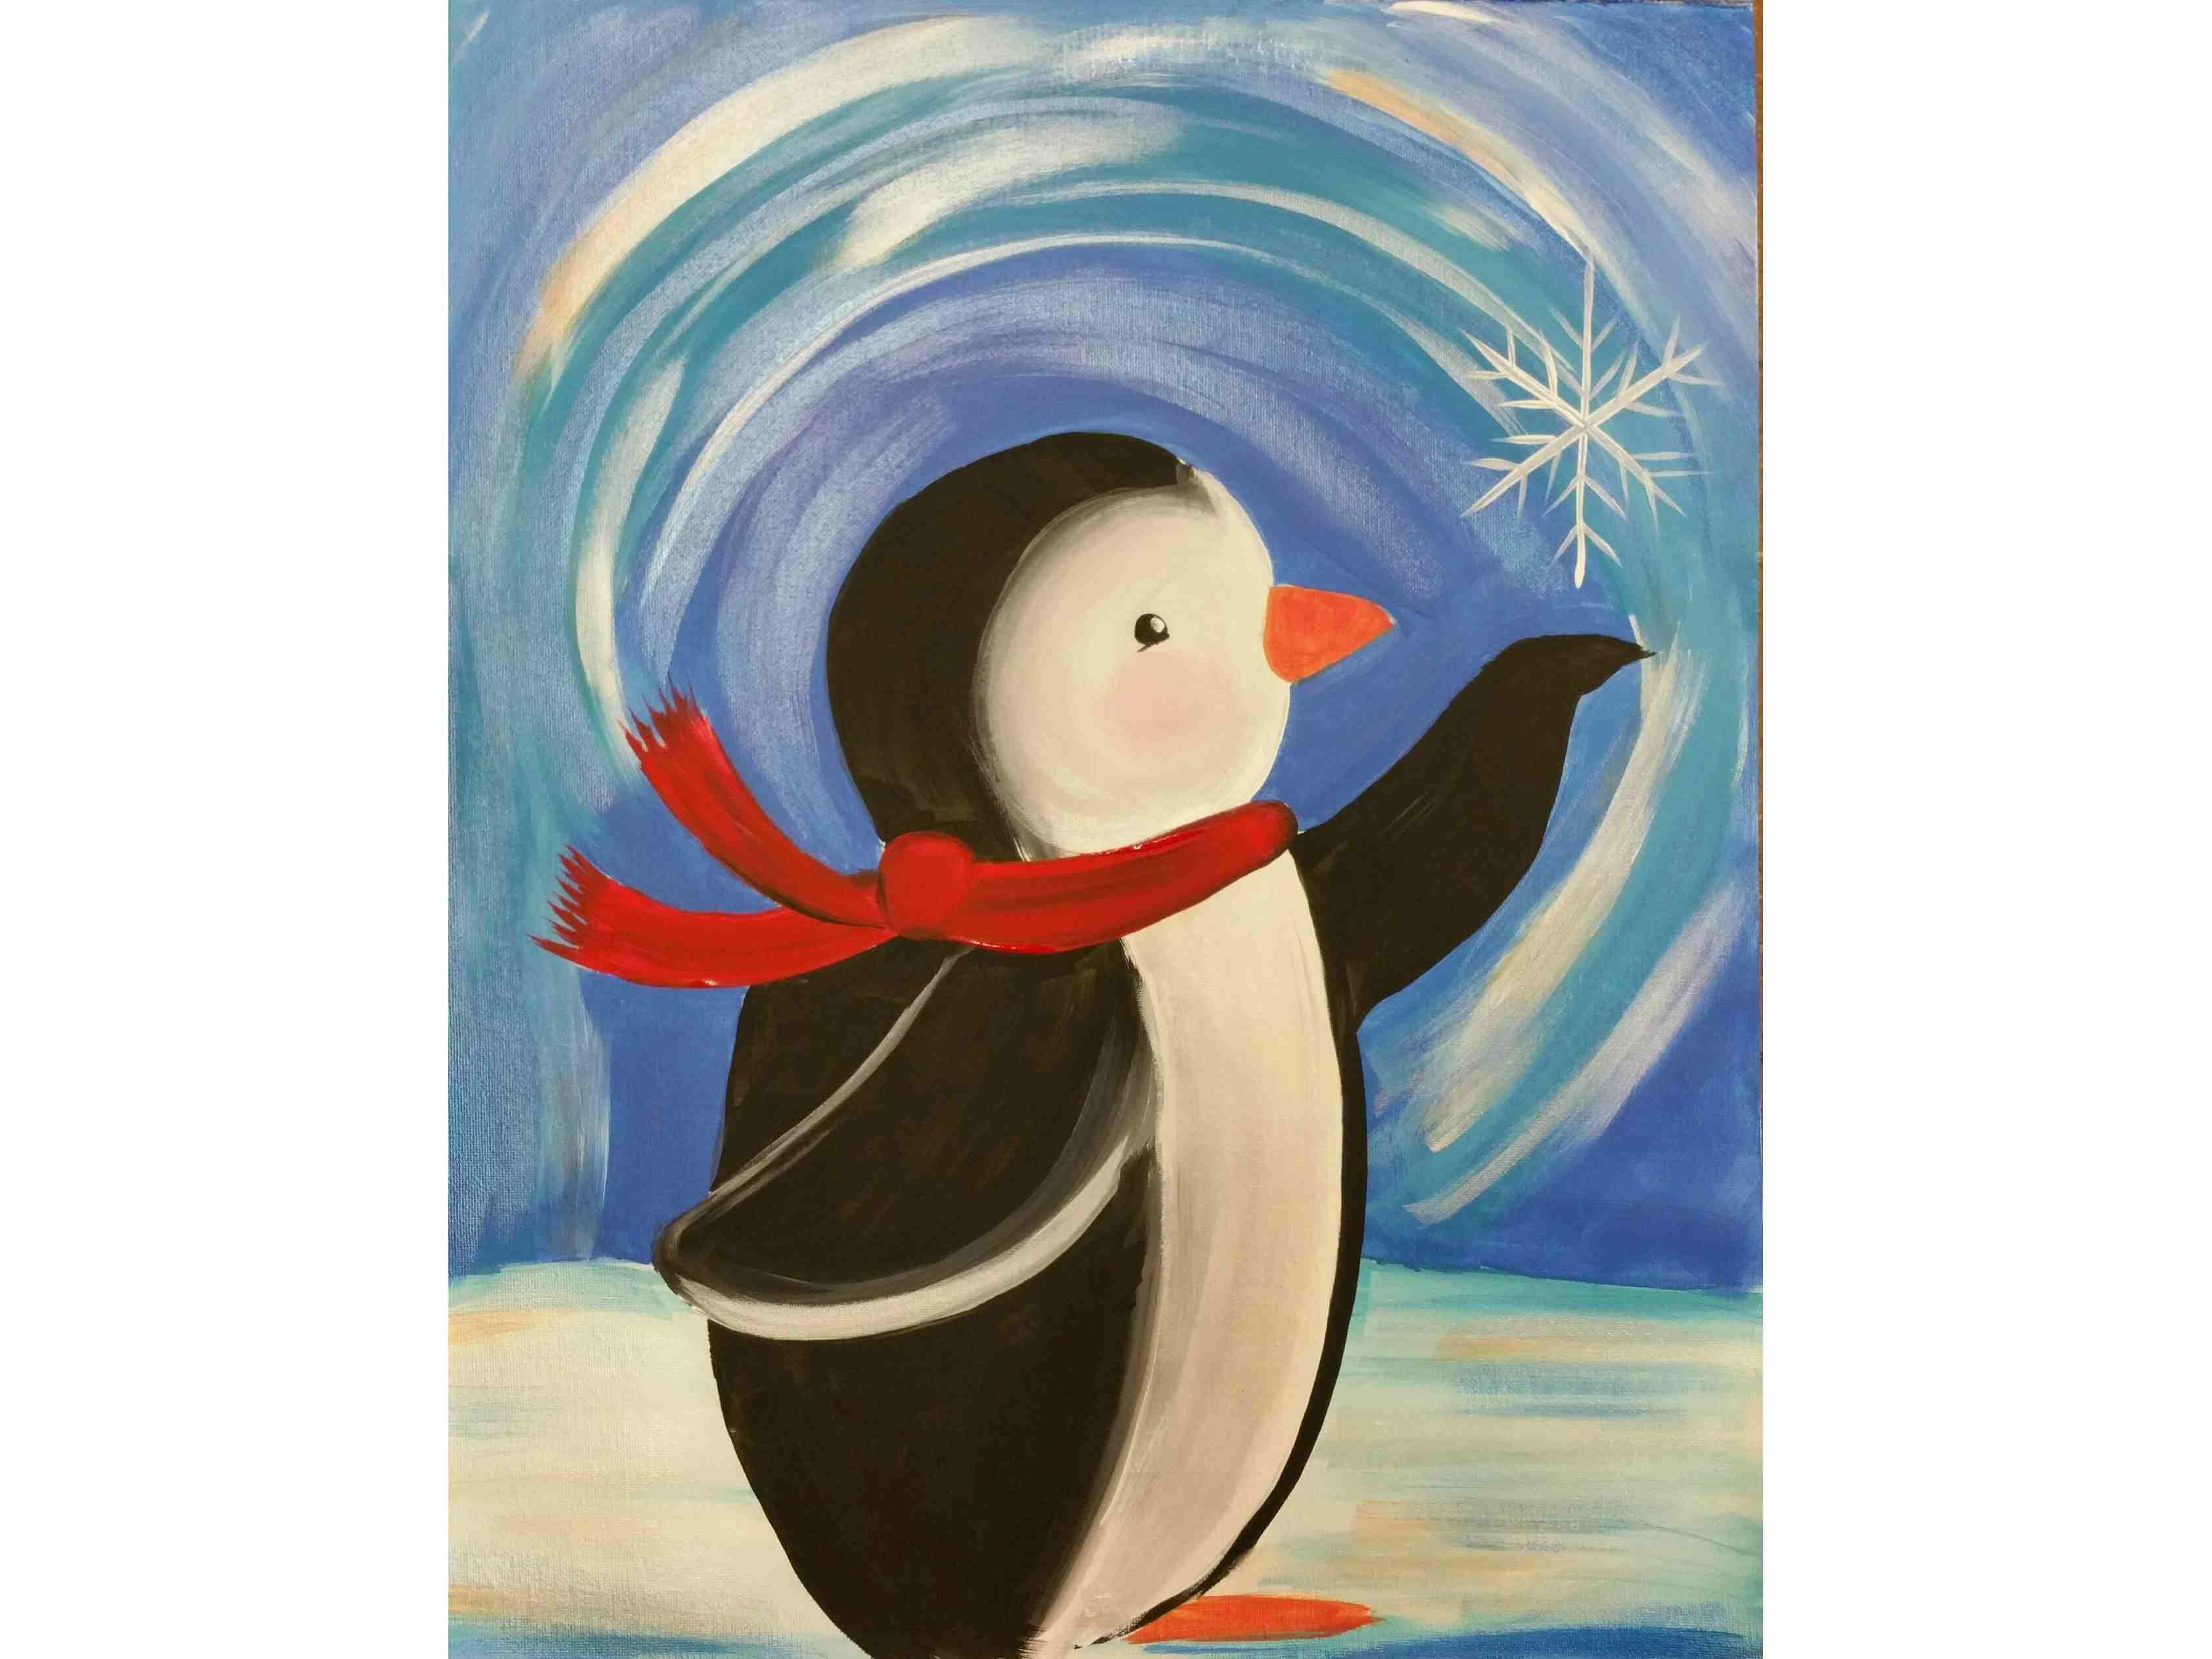 """Детска коледна работилница по рисуване на сюжета """" Пингвин"""". Творческо забавление за семейства 05.12.2020 г."""